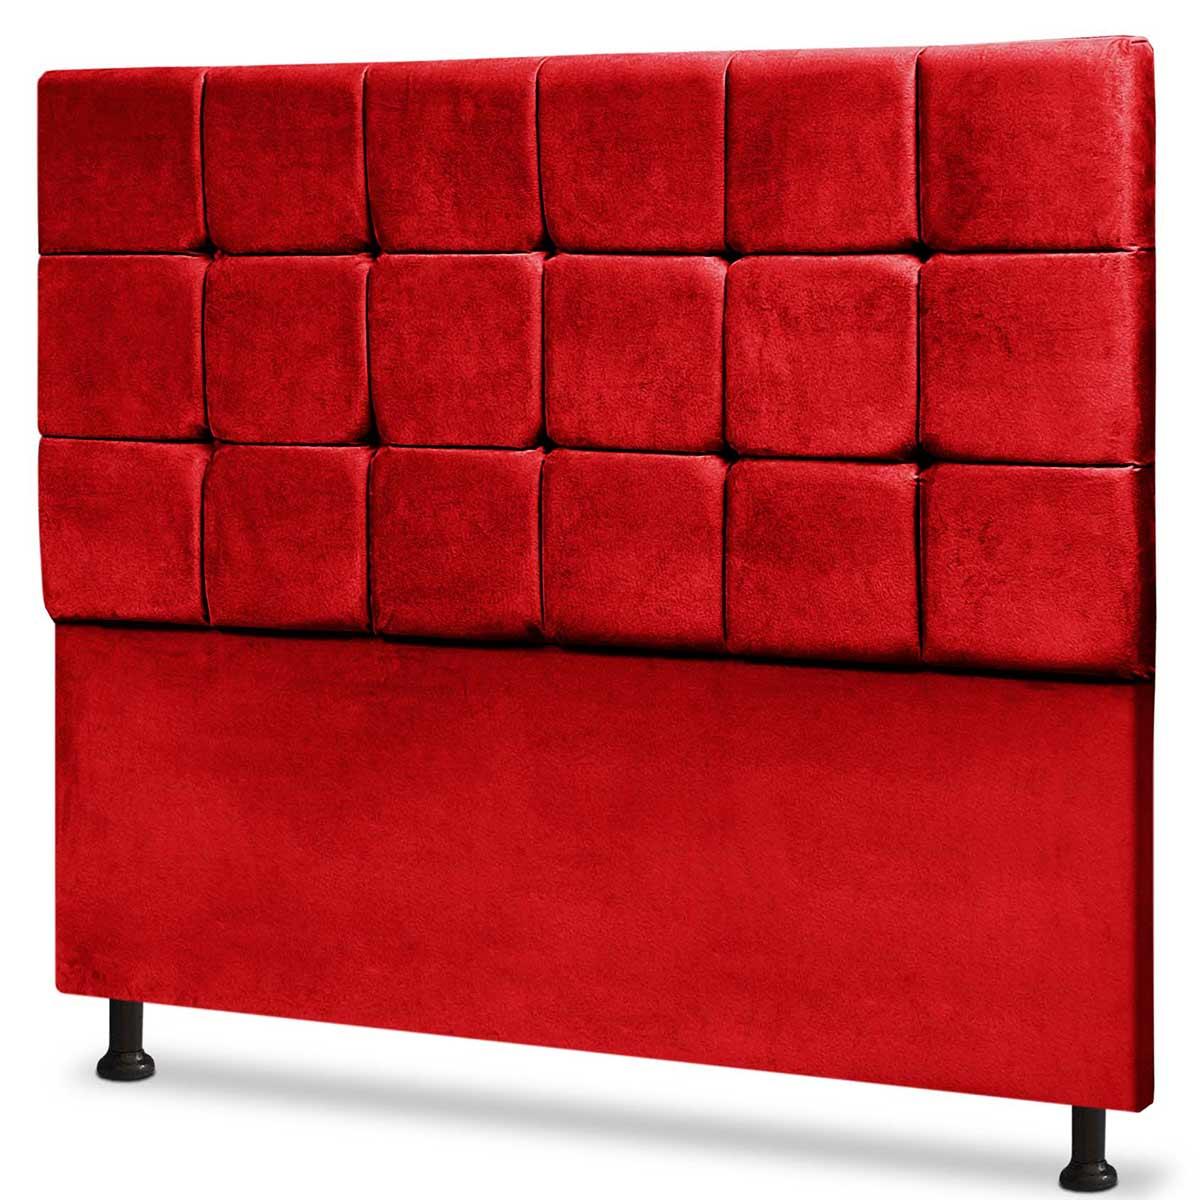 Cabeceira Casal Estofada Espanha 140 cm Animale Vermelho